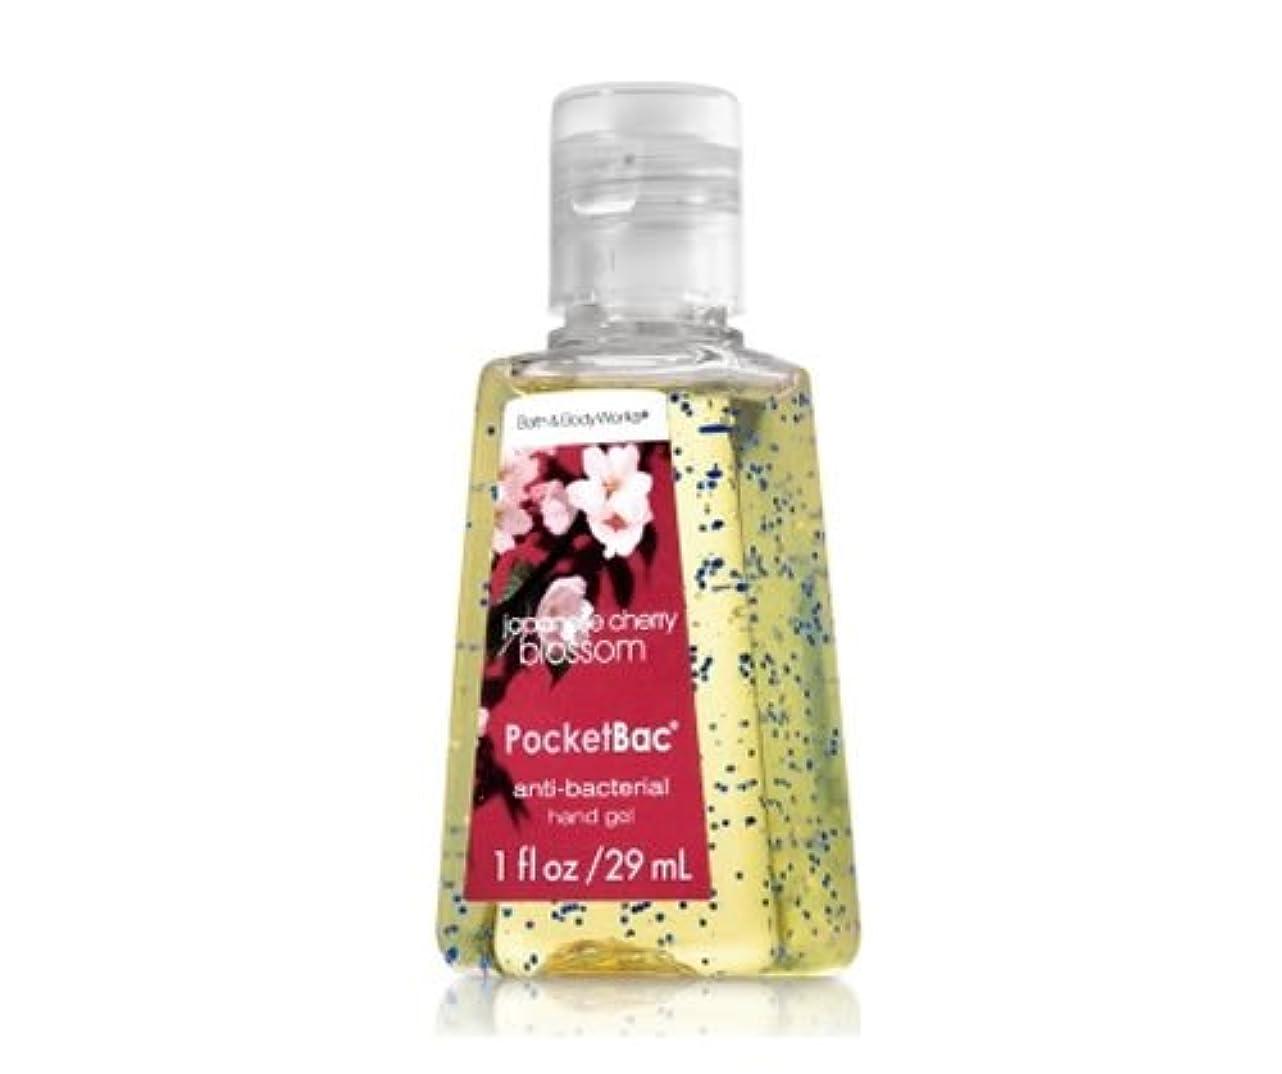 パッケージ見る精巧なバス&ボディワークス ハンドジェル 29ml ジャパニーズチェリーブロッサム Bath&Body Works Anti-Bacterial PocketBac Sanitizing Hand Gel Japanese Cherry Blossom [並行輸入品]